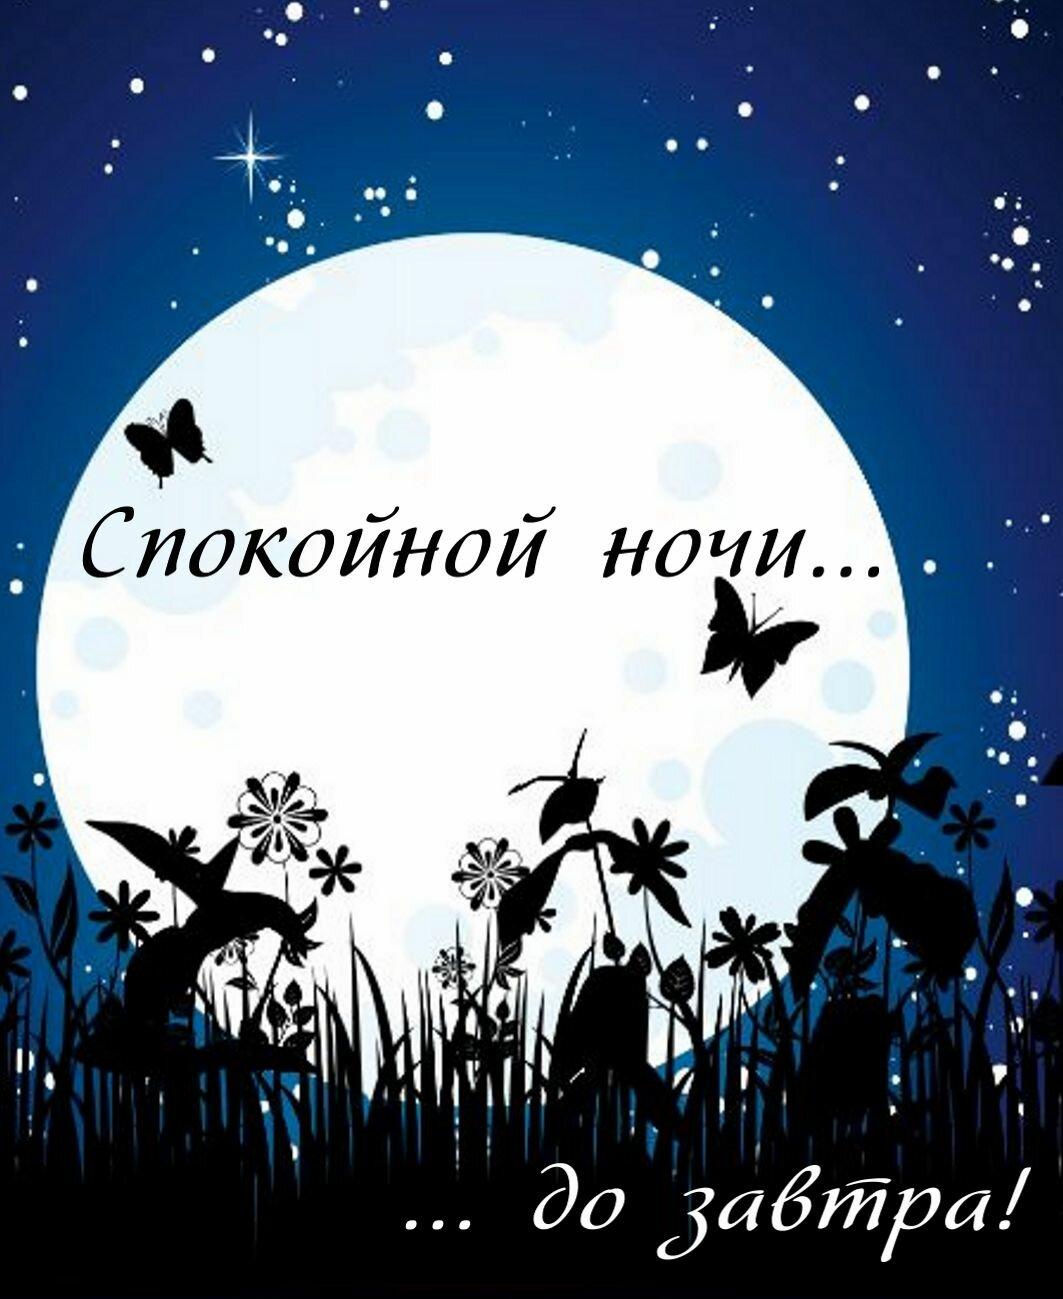 Картинки, прикольную картинку спокойной ночи дорогая